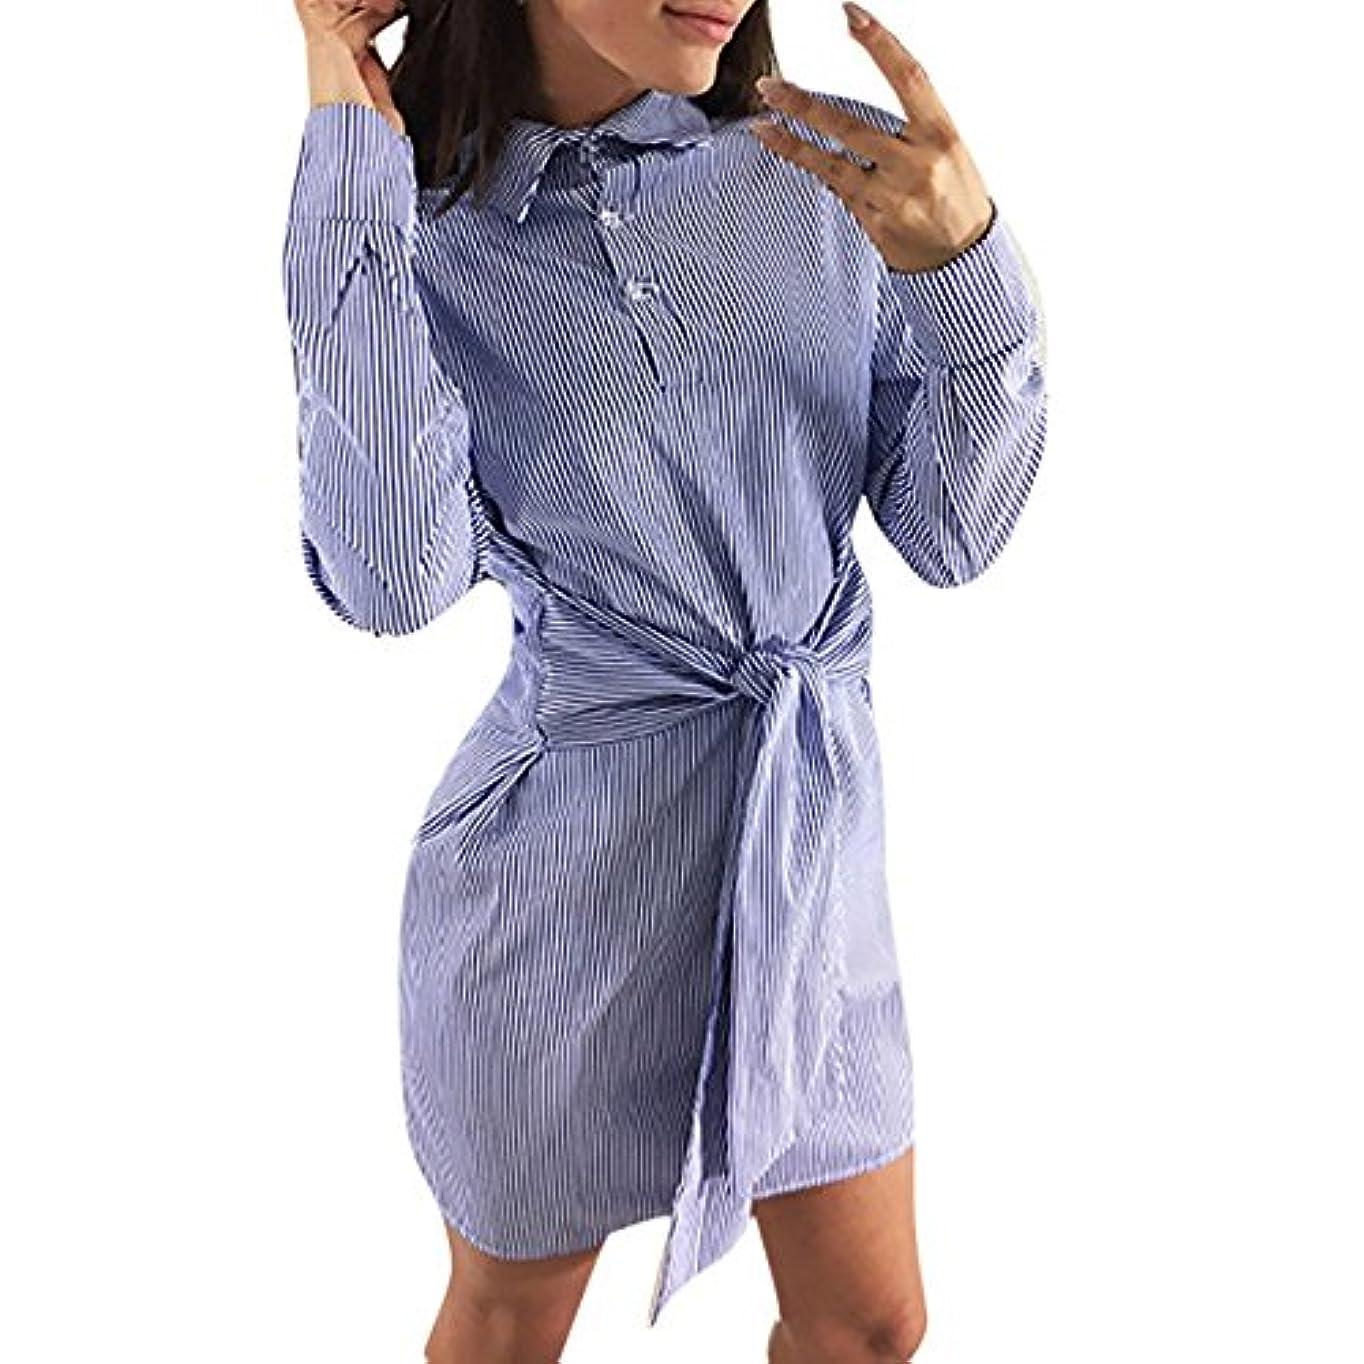 満員早める誘発するSakuraBest 女性のストライプウエストバンド長袖シャツドレス